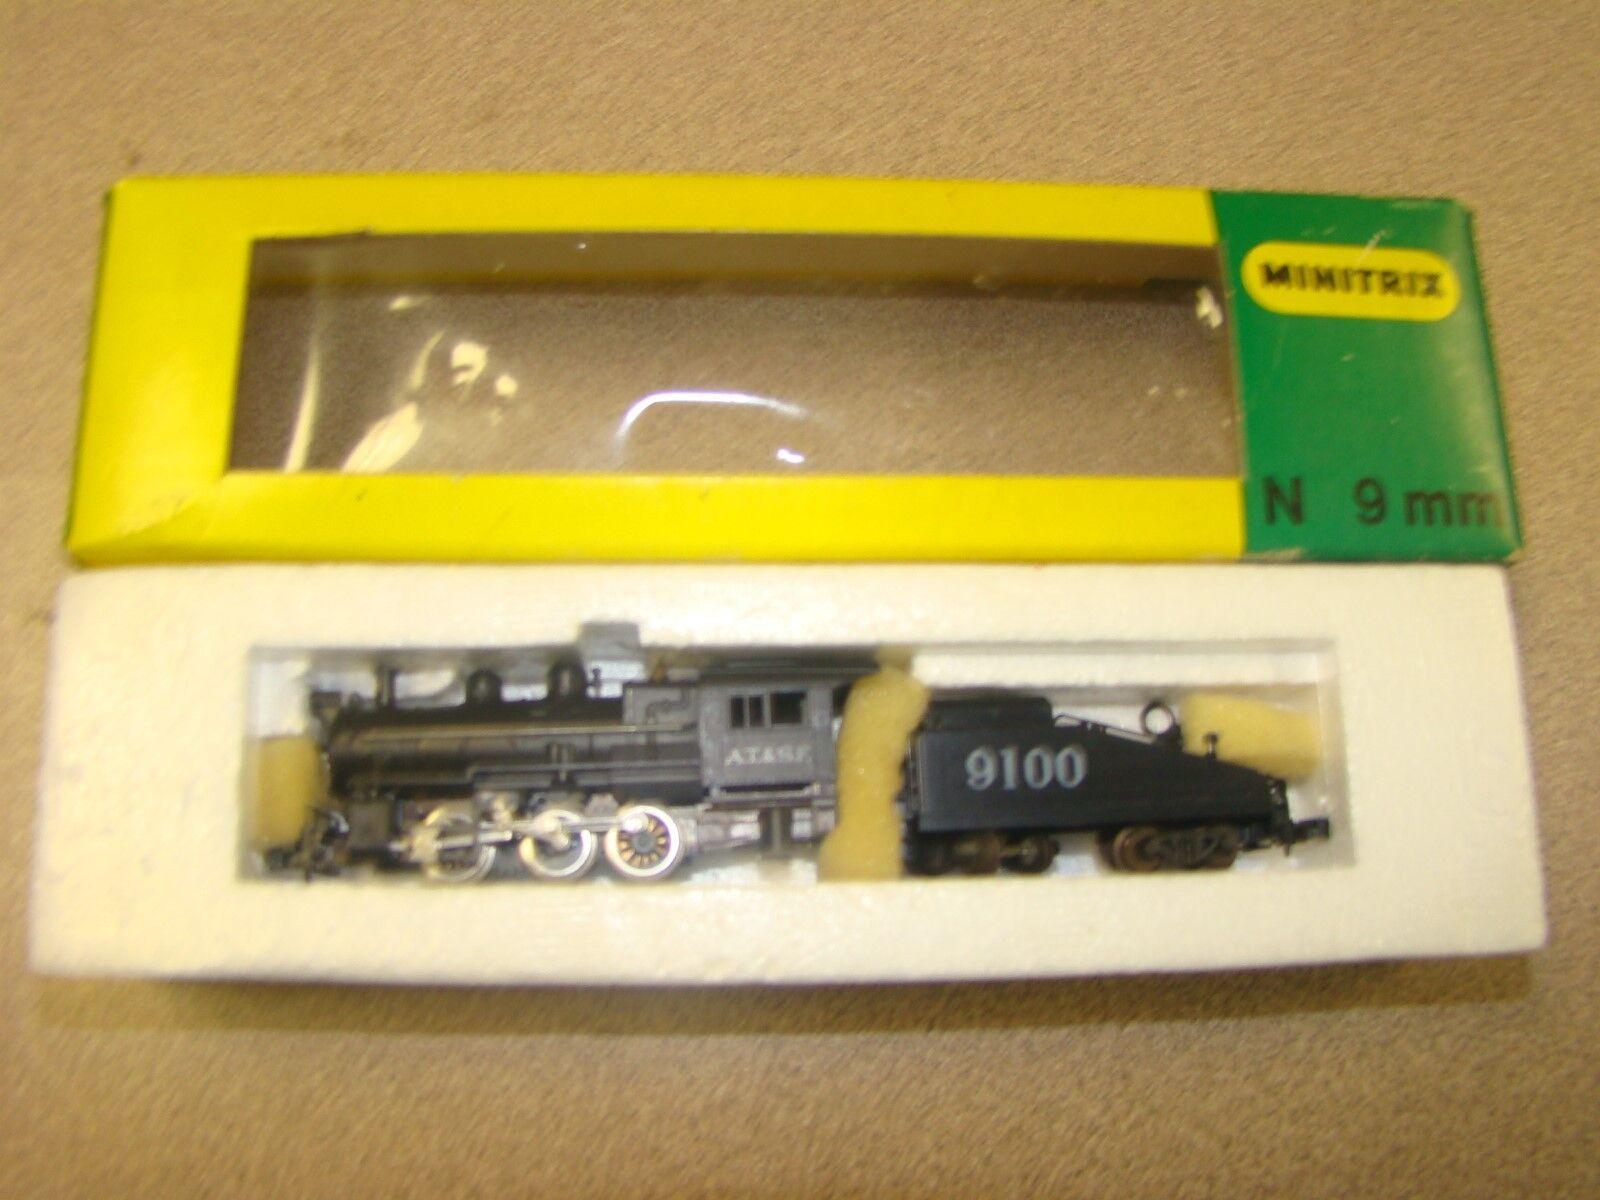 MINITRIX STEAM LOCOMOTIVE LOCOMOTIVE LOCOMOTIVE & TENDER AT & SF.9100  N SCALE TRAIN 33079a